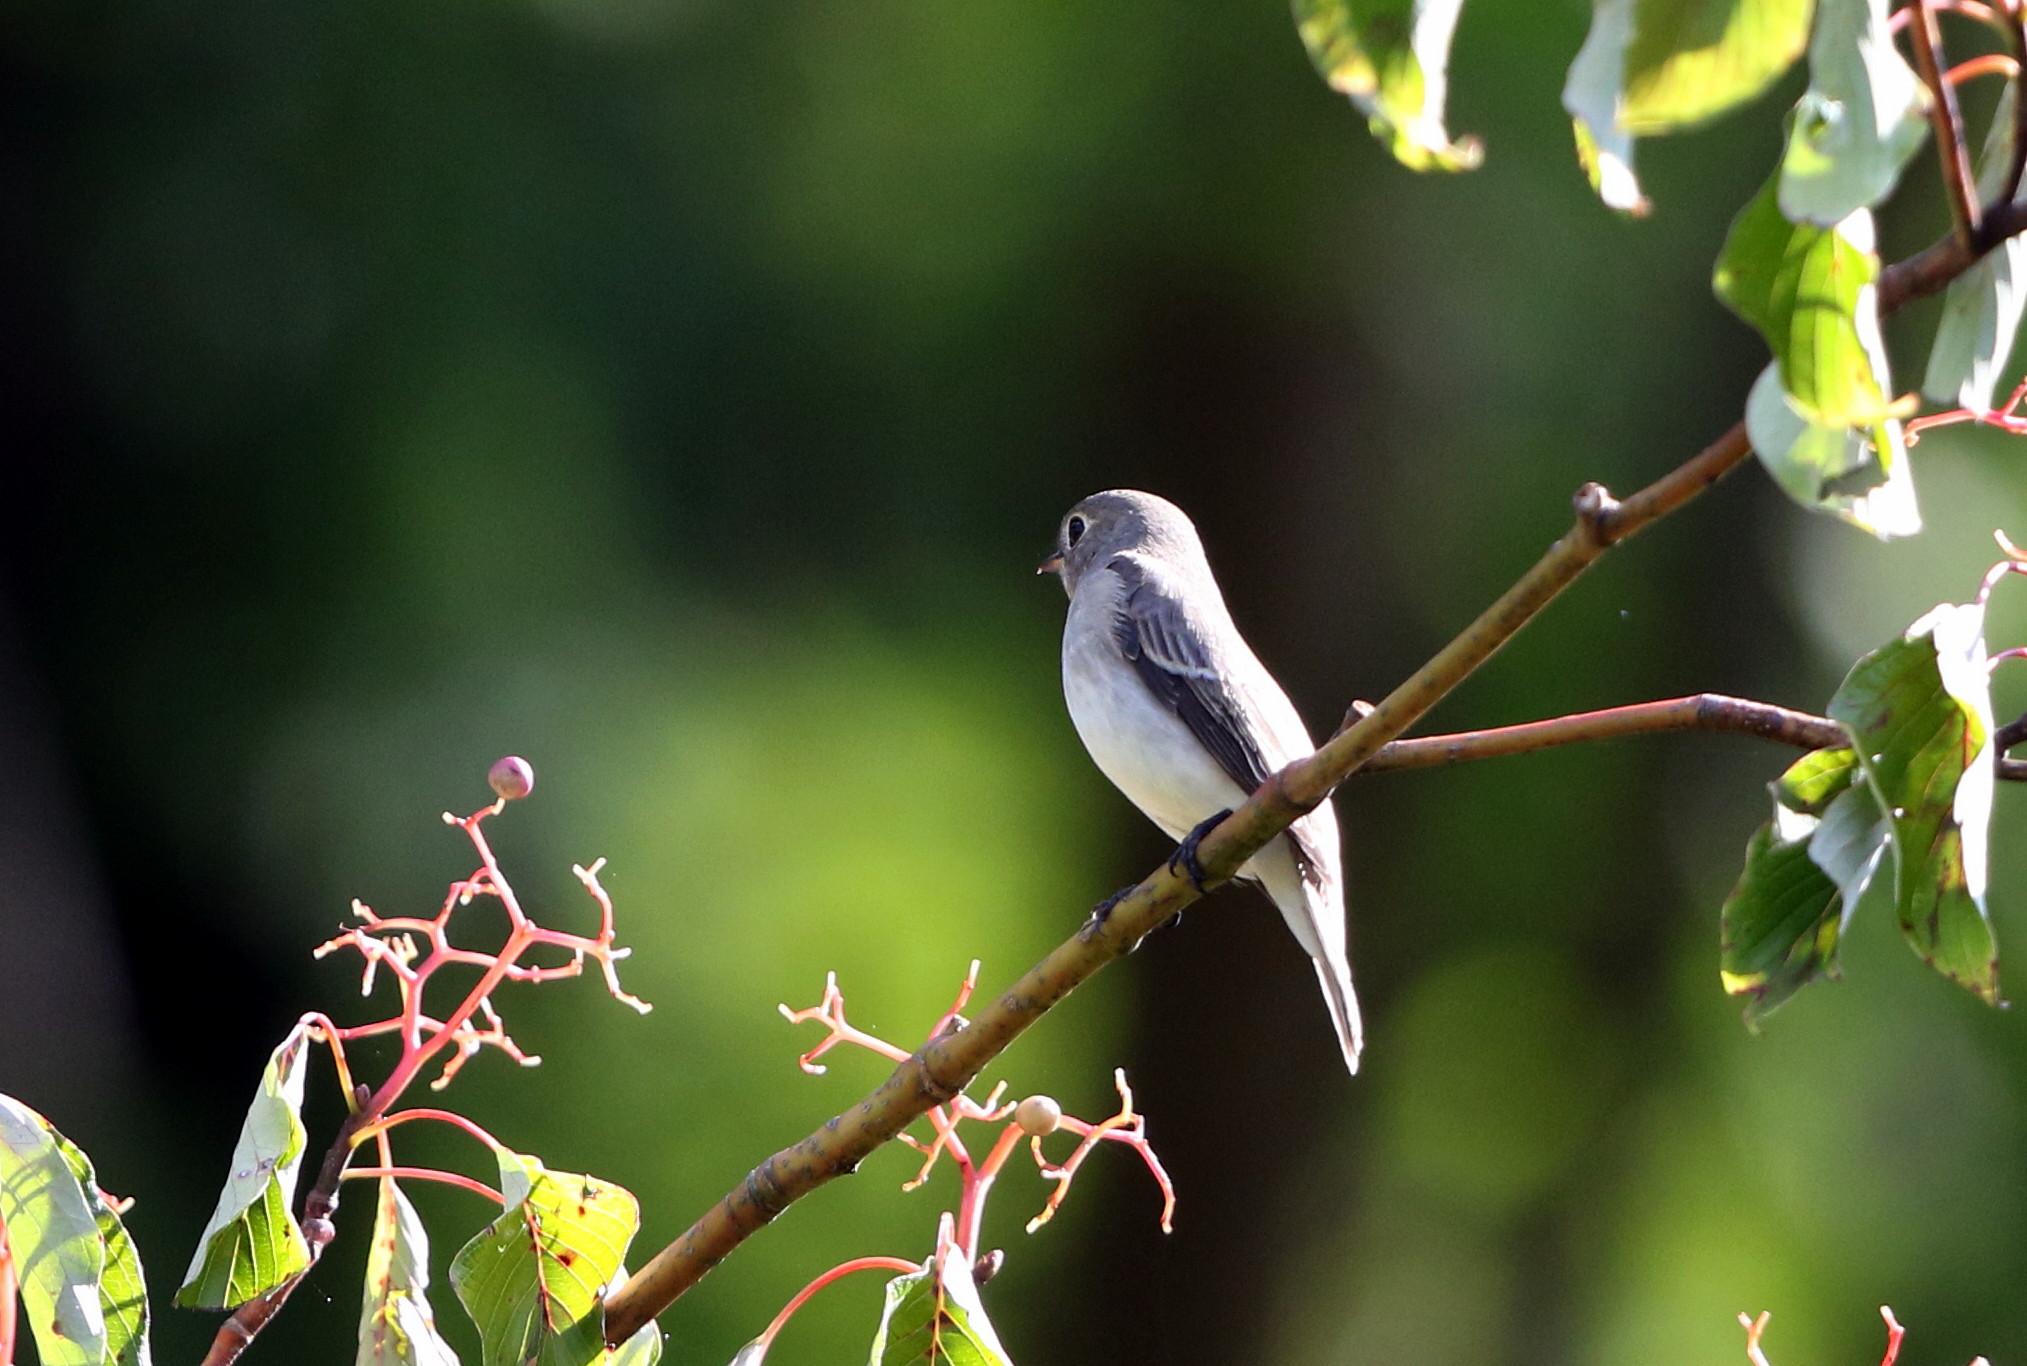 MFの森の渡りの立ち寄りの鳥達 その5(コサメビタキ)_f0239515_1575113.jpg